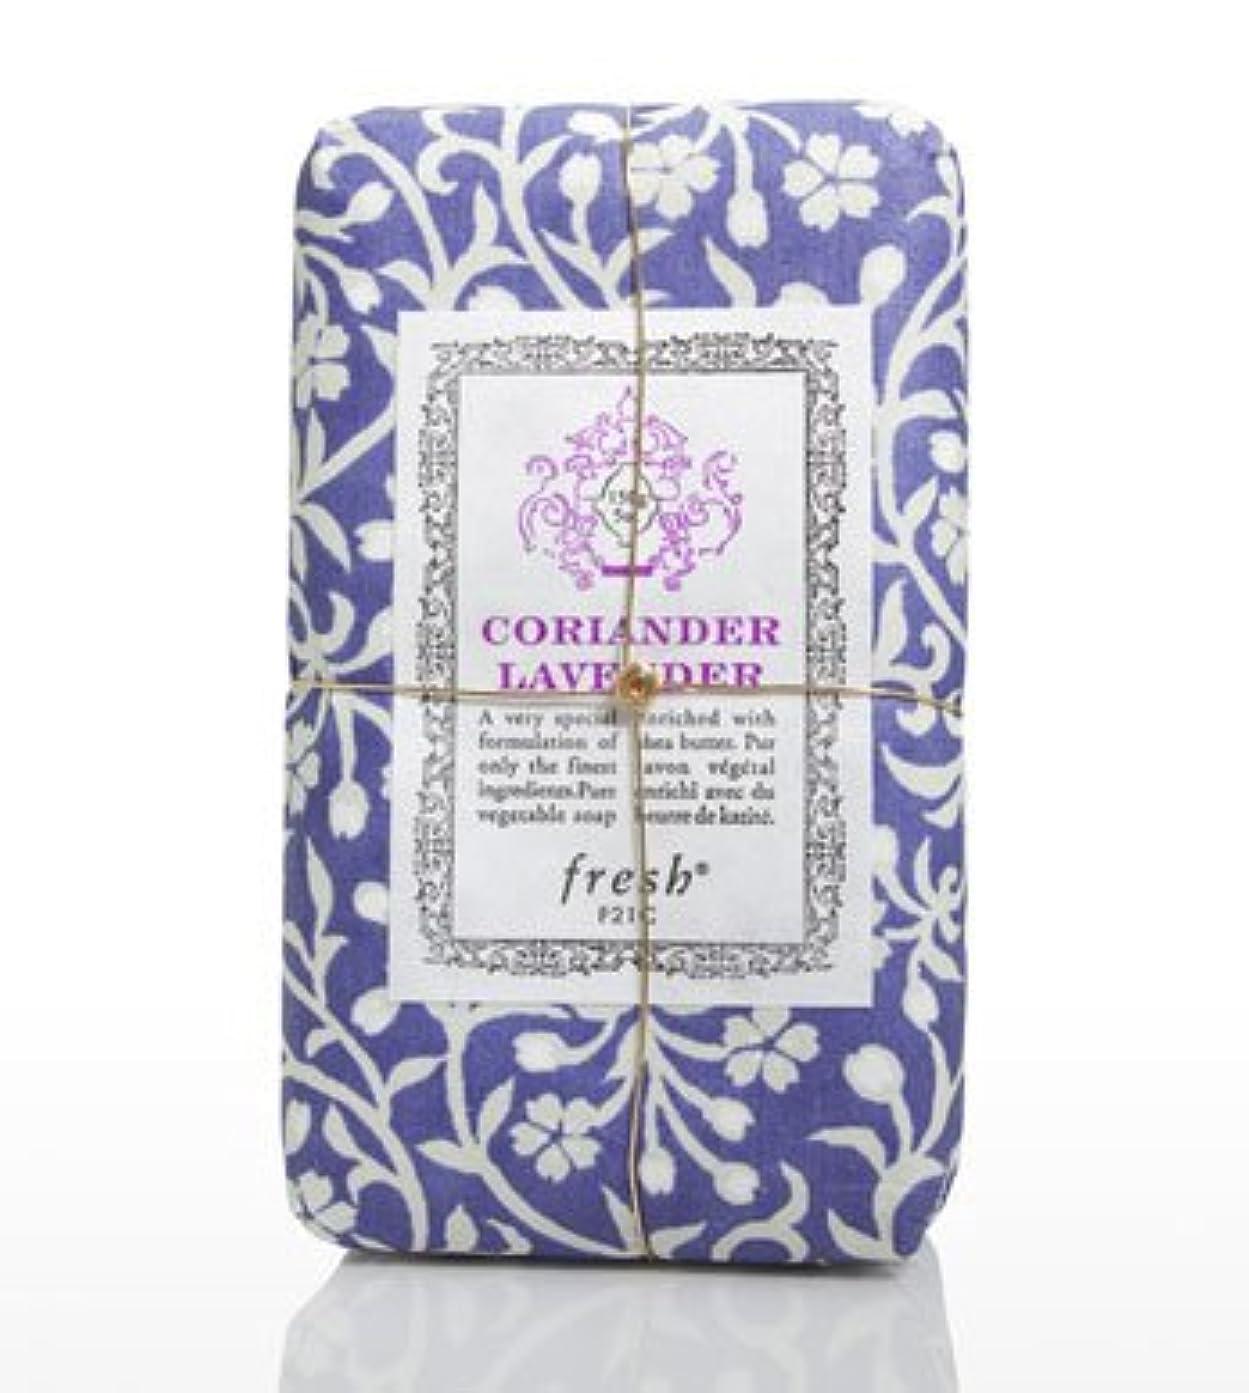 男やもめそうアジャFresh CORIANDER LAVENDAR SOAP(フレッシュ コリアンダーラベンダー ソープ) 5.0 oz (150gl) 石鹸 by Fresh